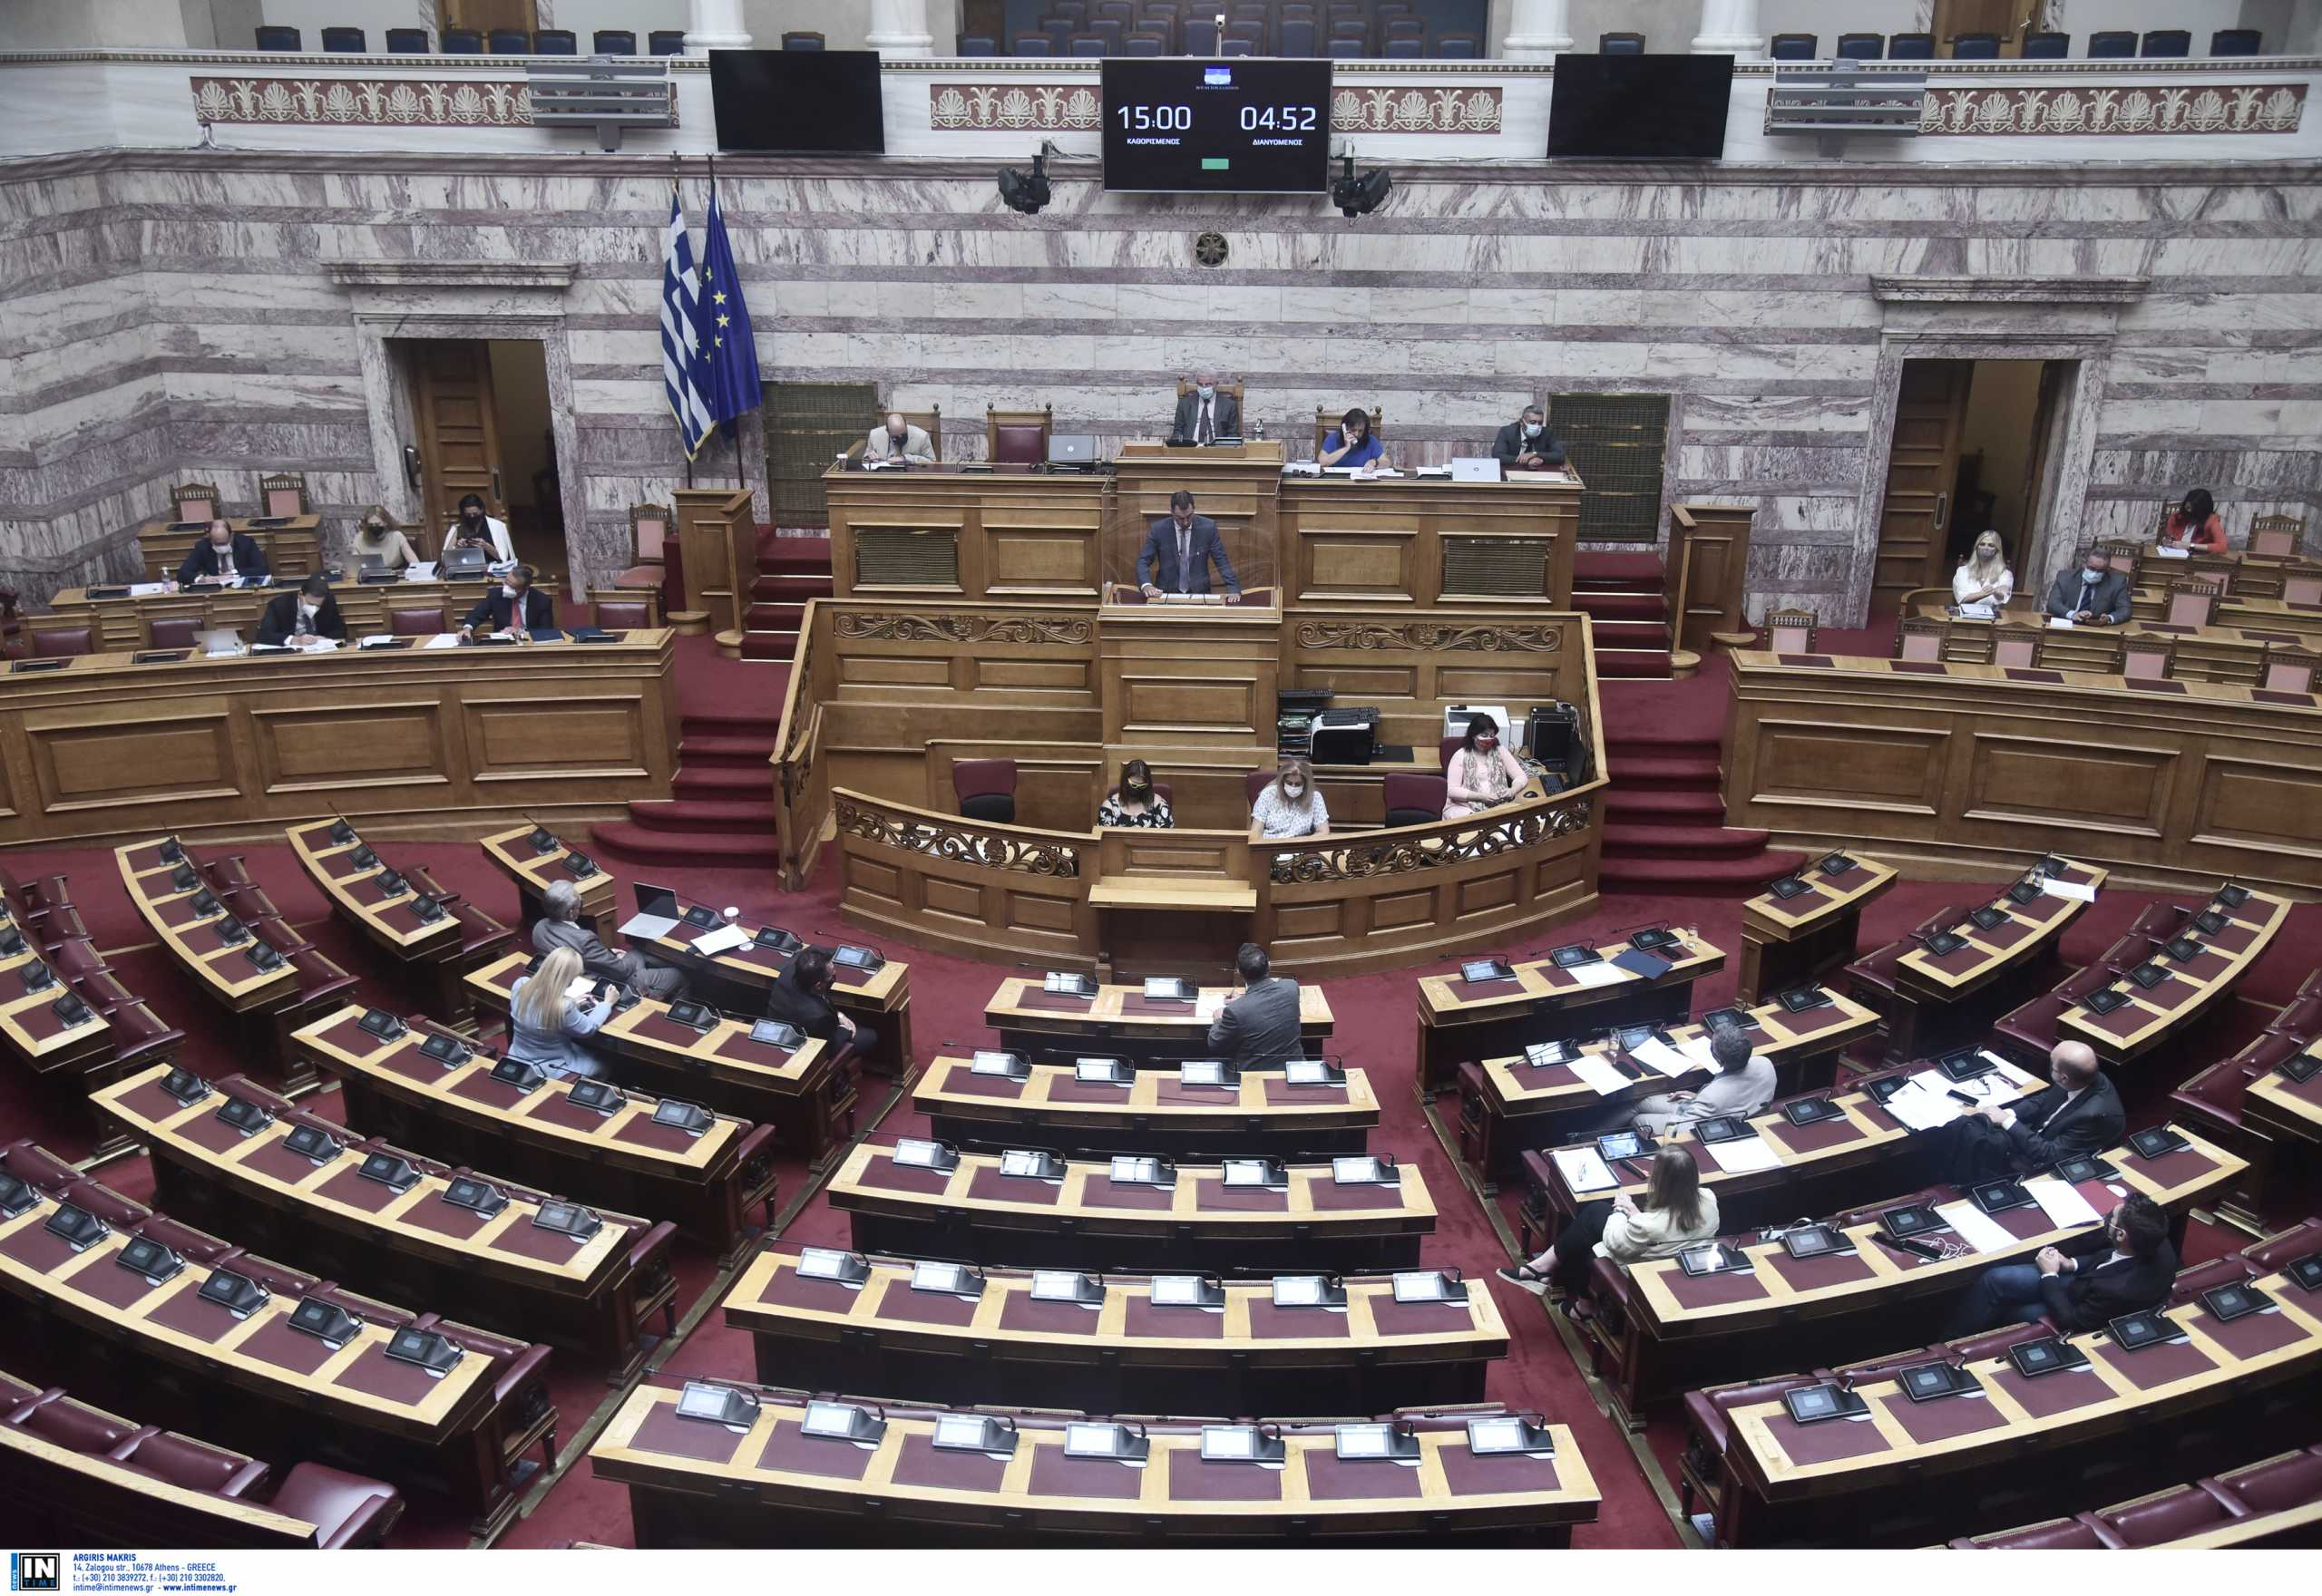 Ταμείο Ανάκαμψης: Με τις ψήφους της ΝΔ αναμένεται να κυρωθούν οι δύο Συμβάσεις στη Βουλή